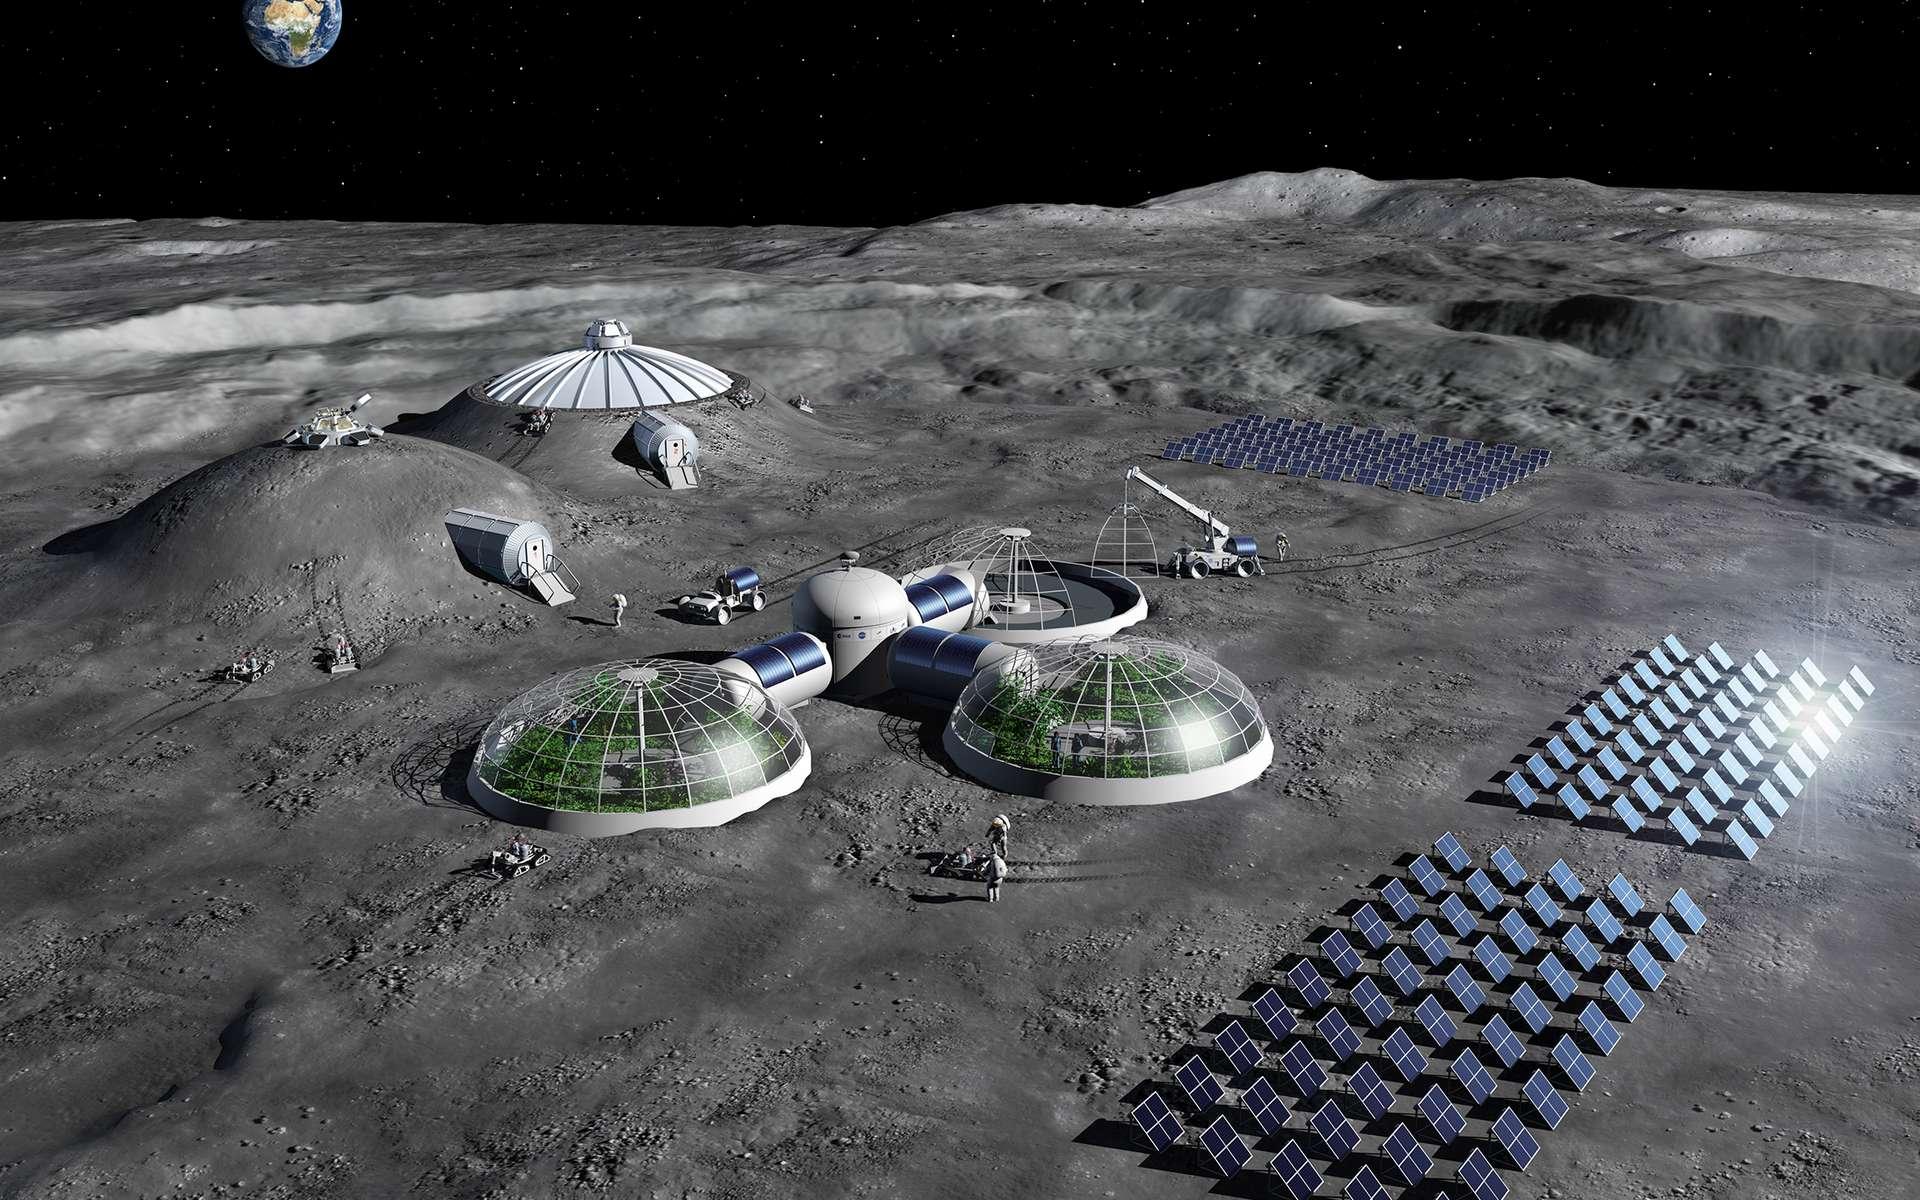 Concept de base lunaire étudié par l'Agence spatiale européenne. © ESA, P. Carril